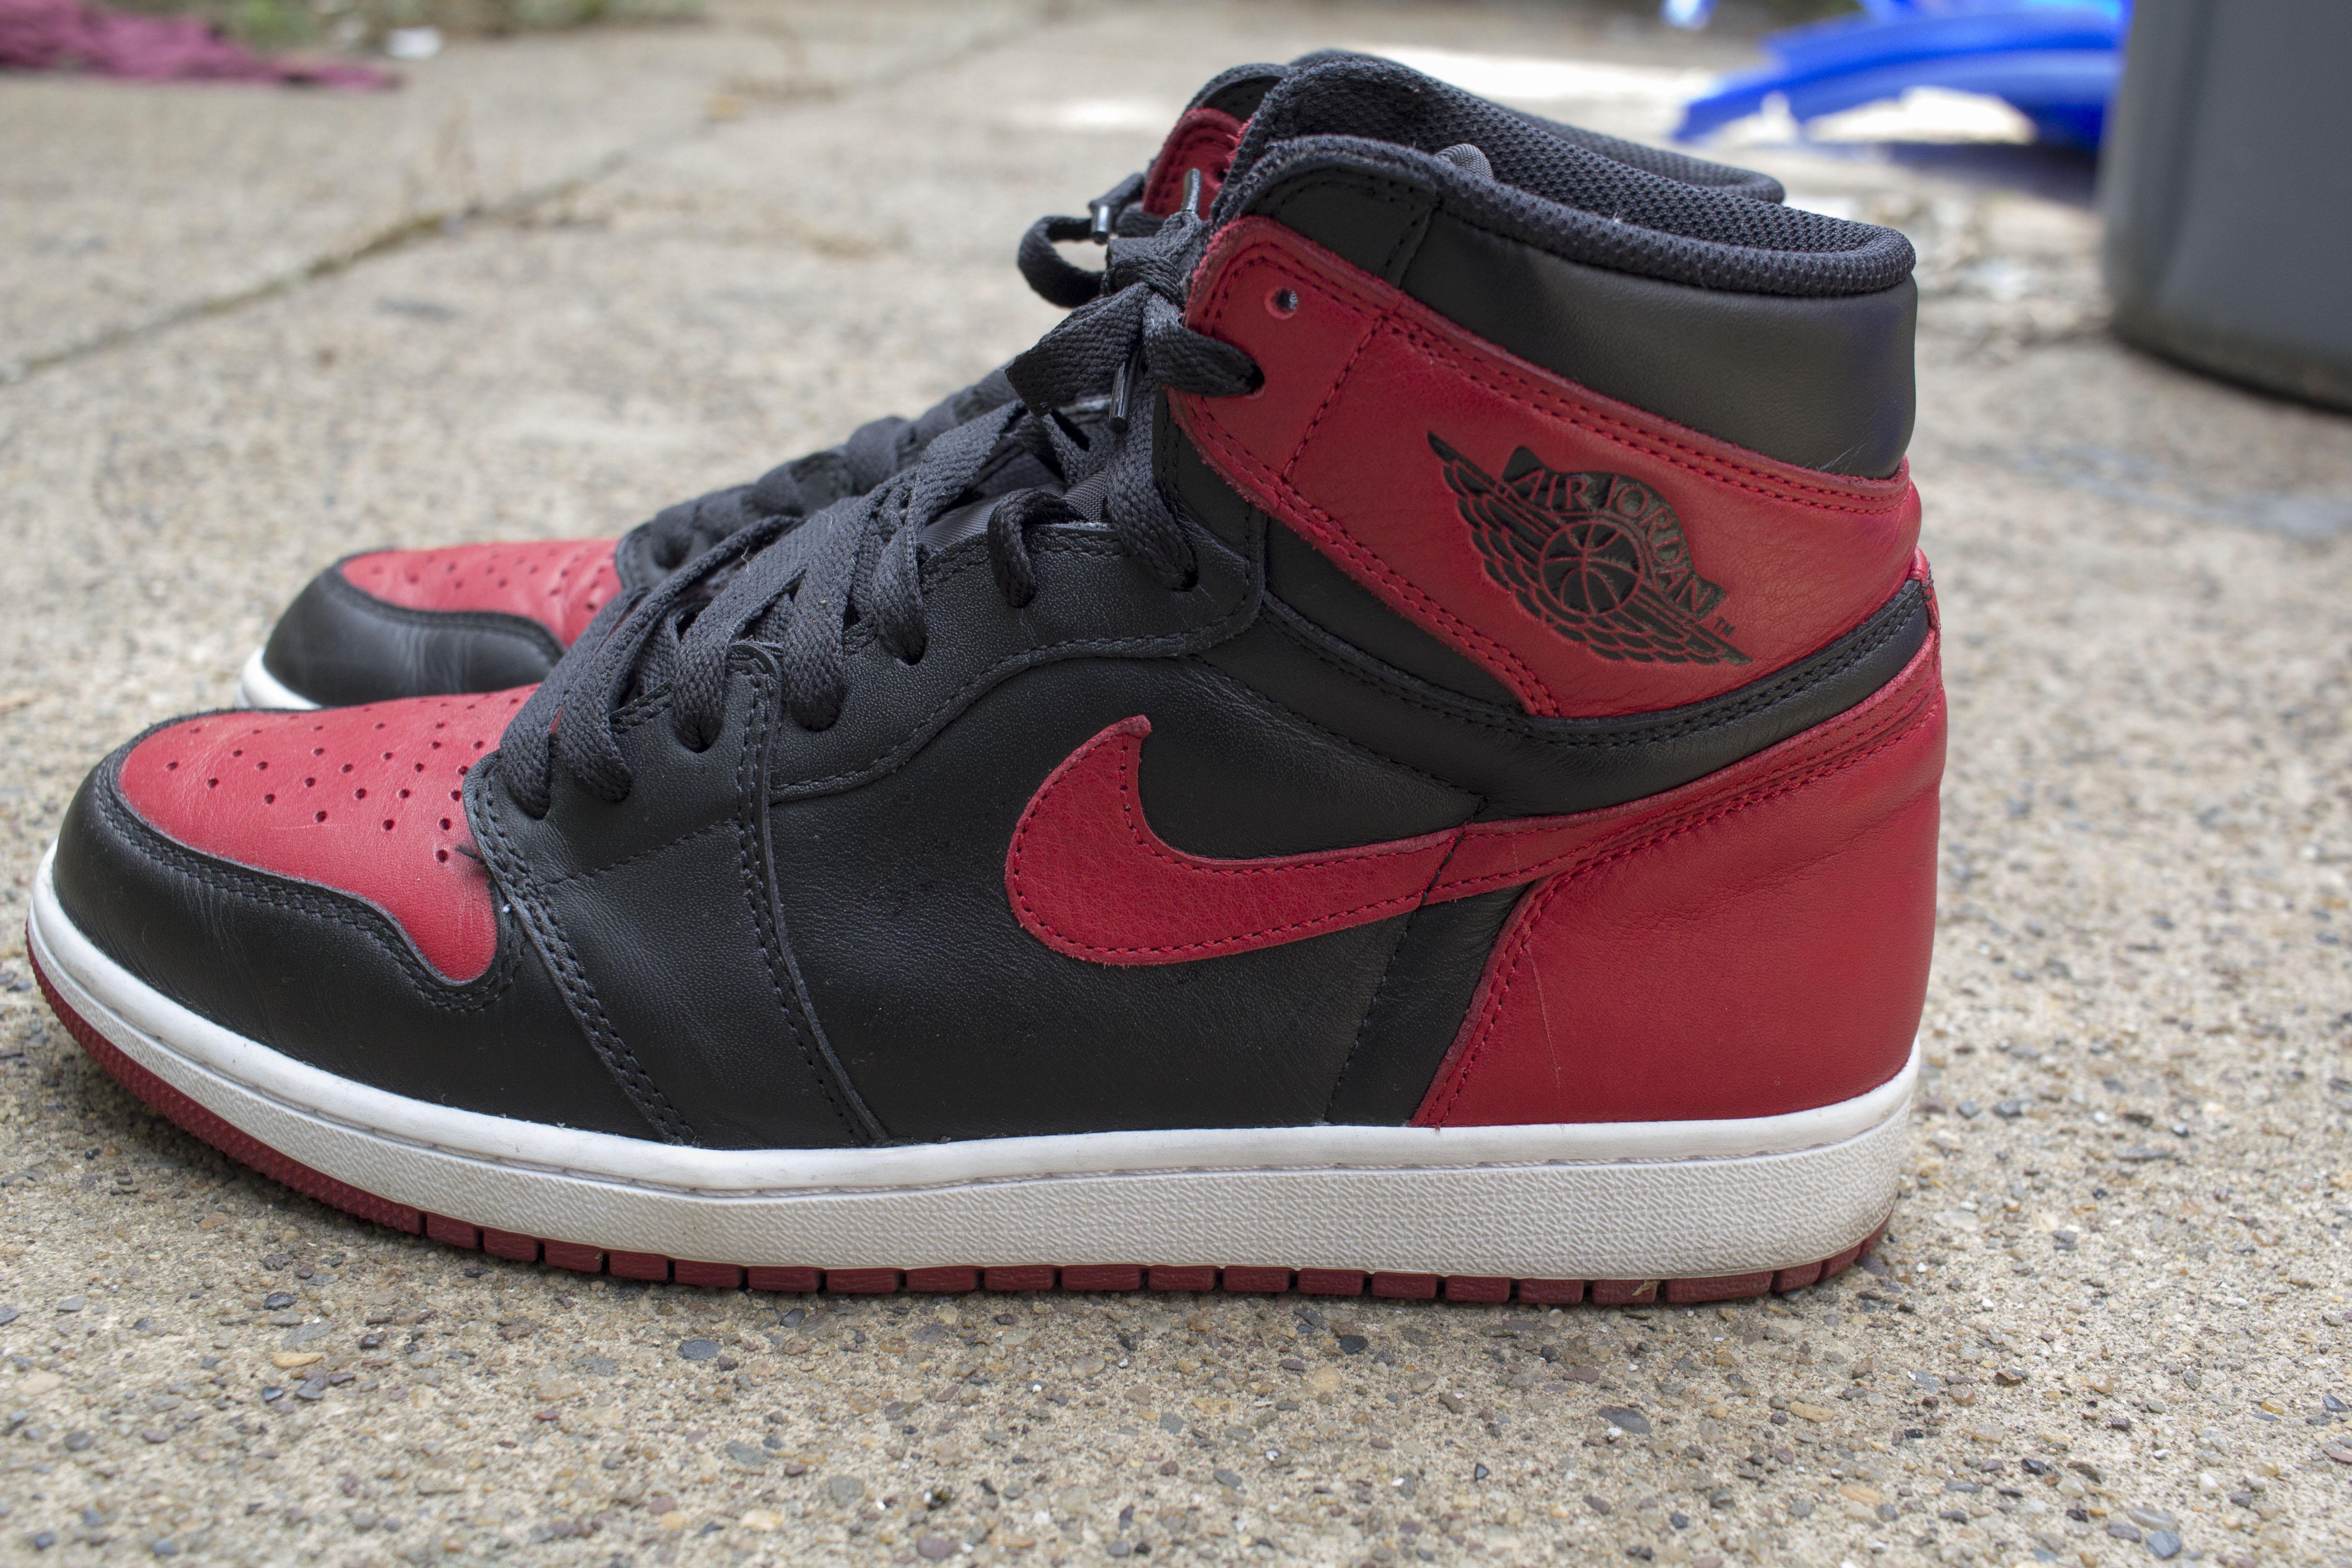 fa06586e5 Jordan Brand Nike Air Jordan 1 Bred 2016 Size 10.5 - Hi-Top Sneakers ...